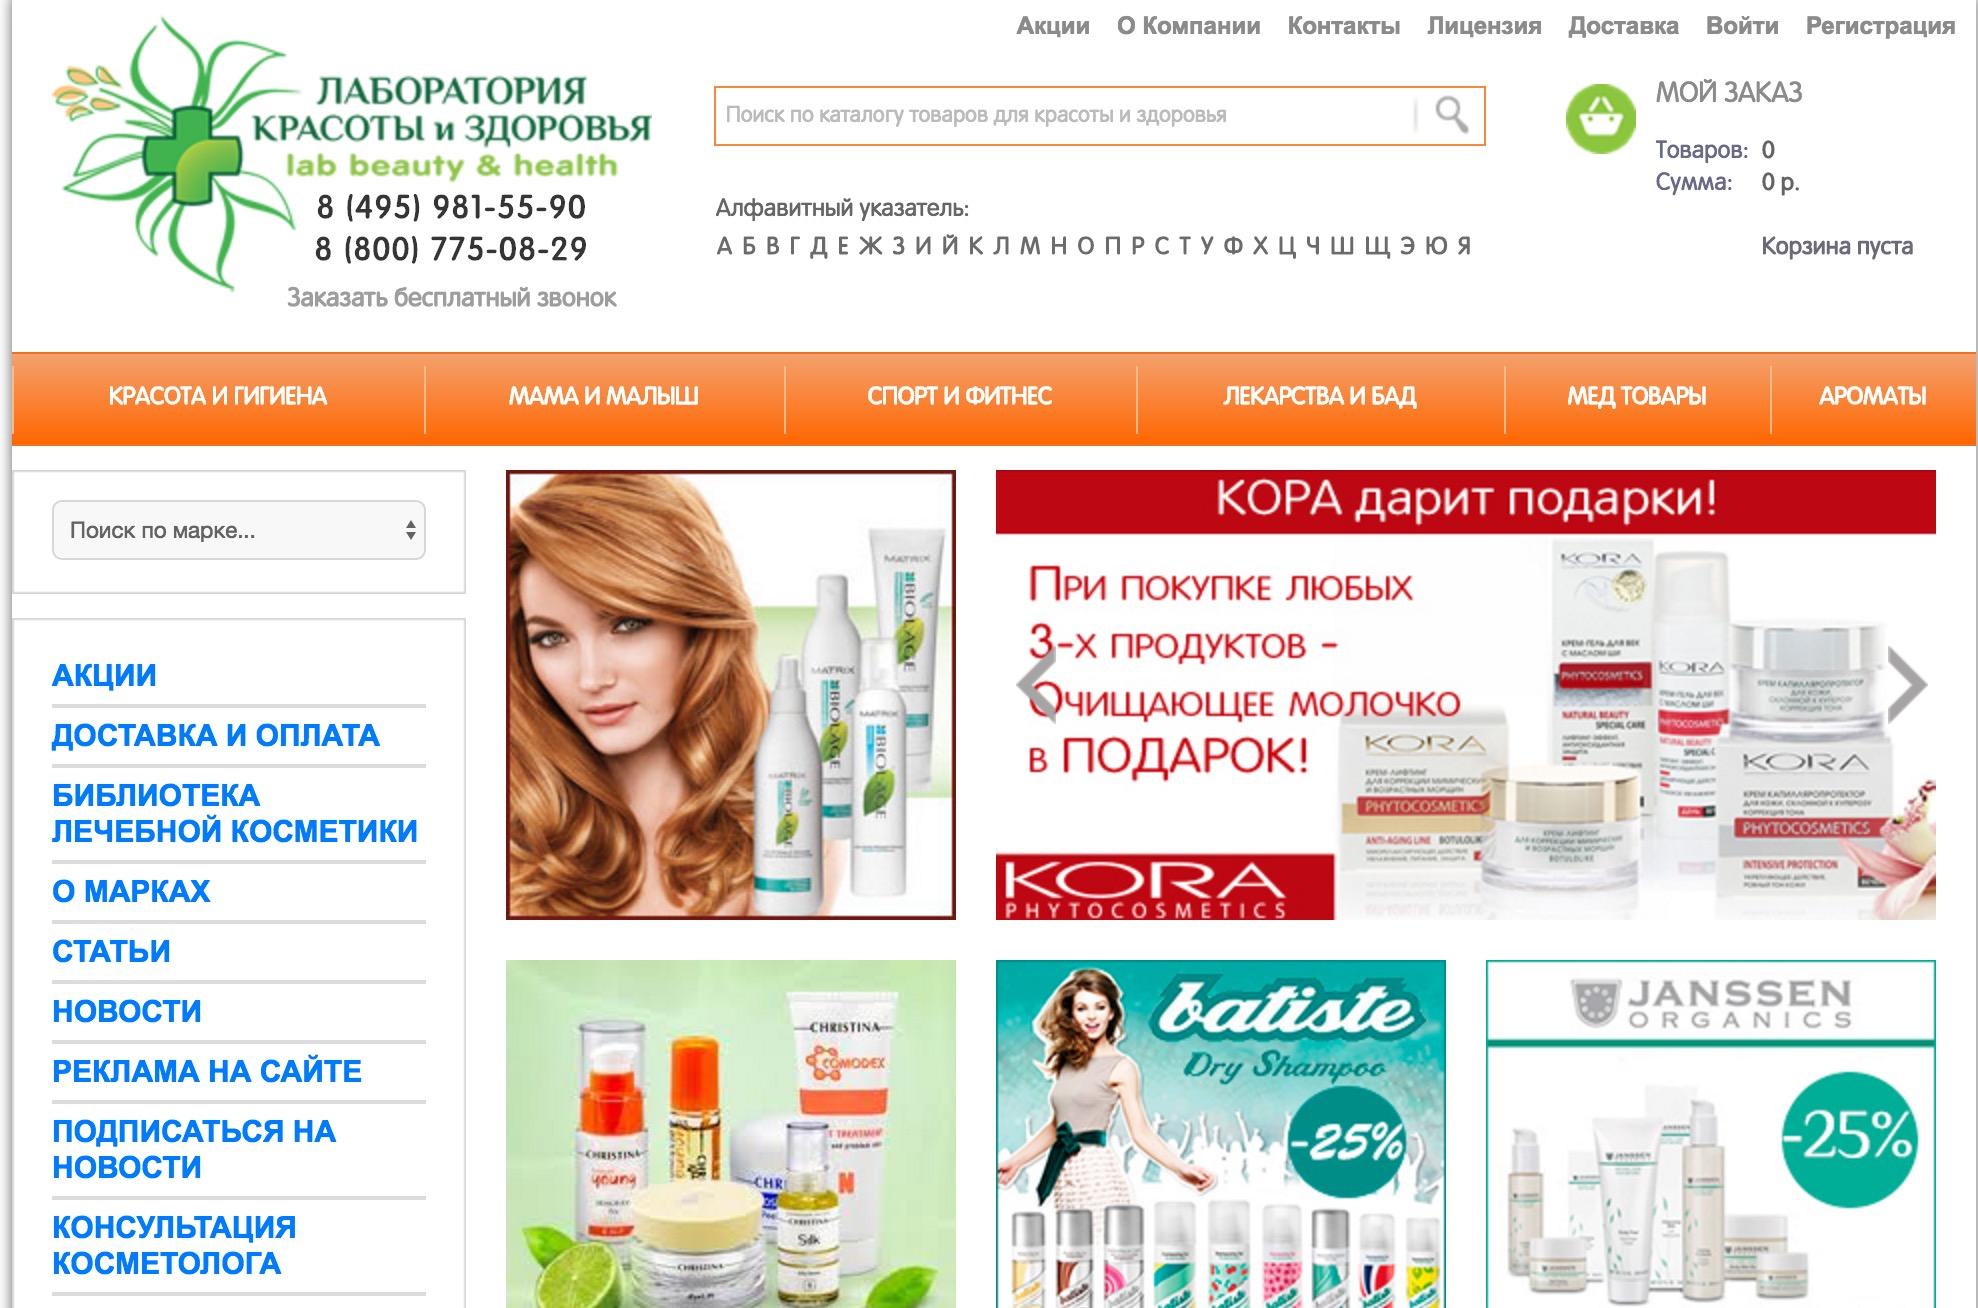 Промокод лаборатория красоты интернет магазин